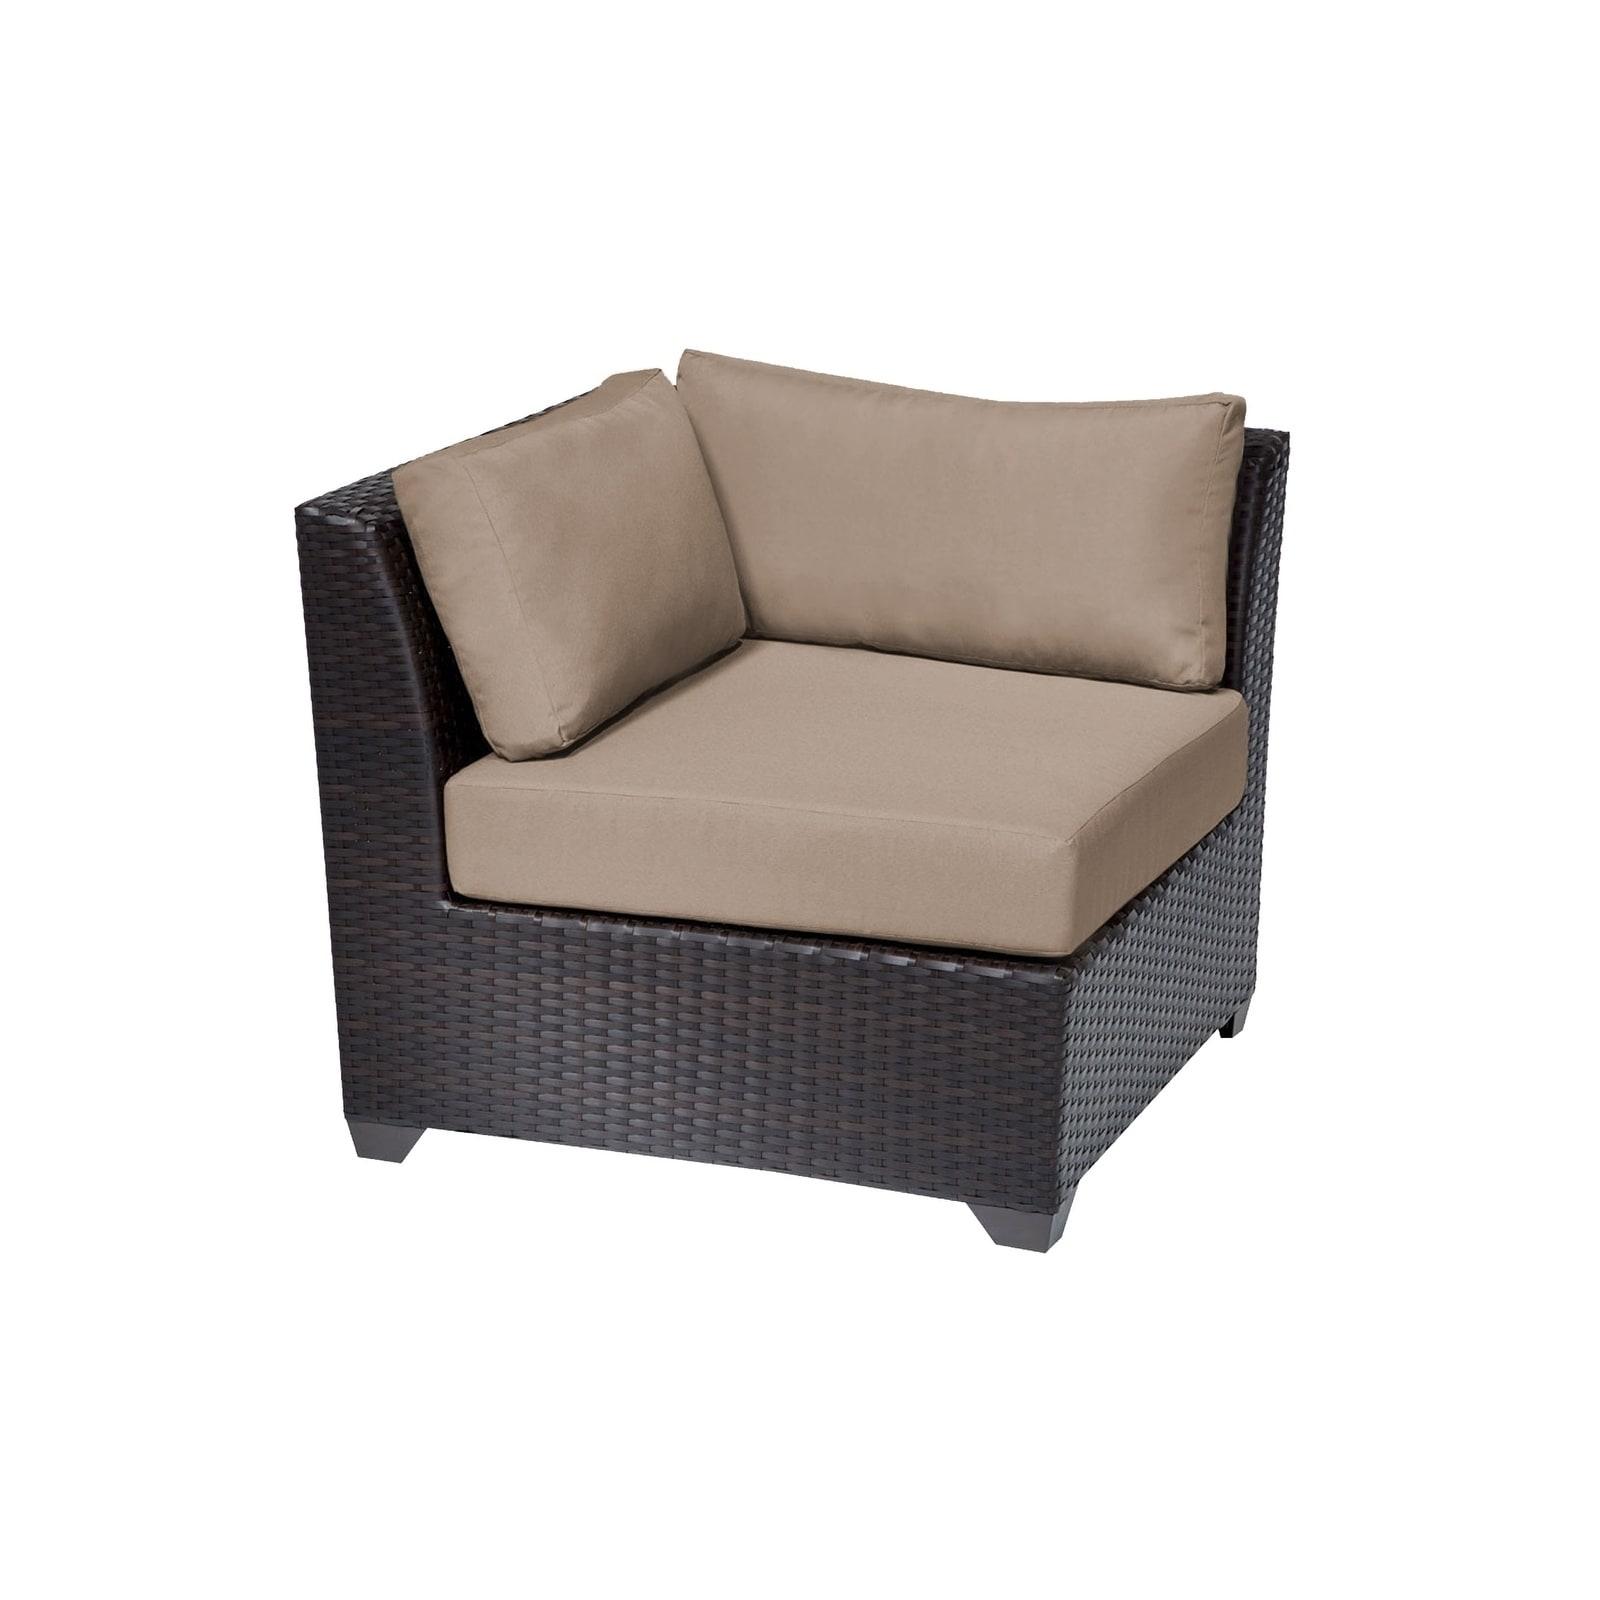 Barbados 11 Piece Outdoor Wicker Patio Furniture Set